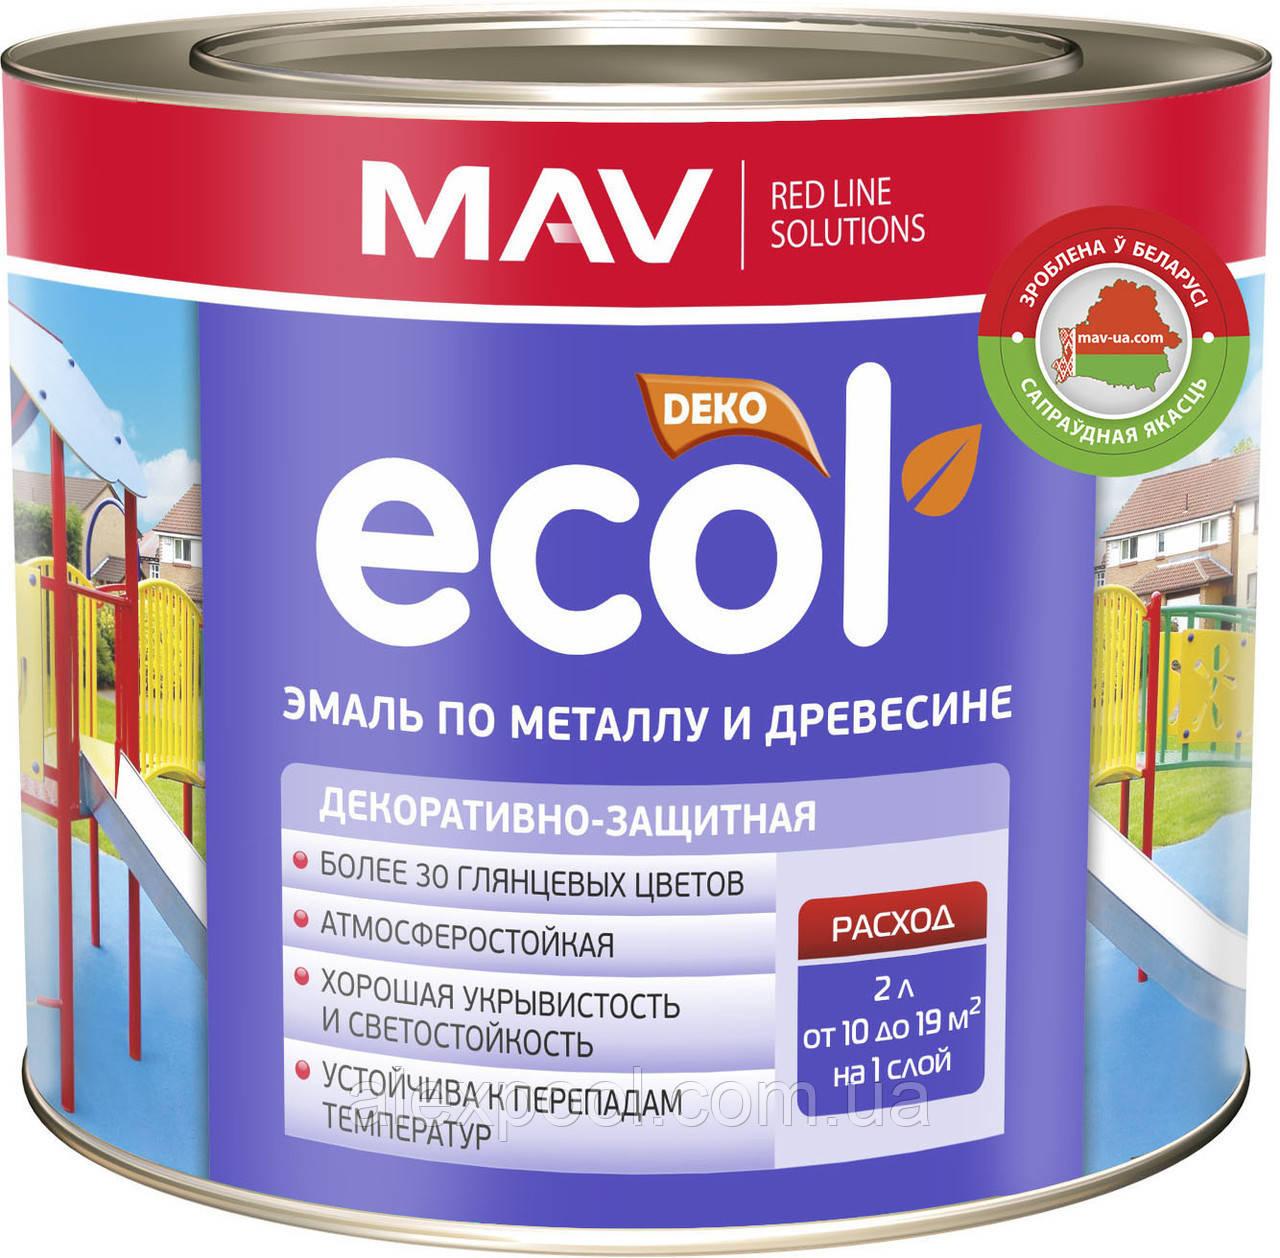 Эмаль MAV ECOL по металлу и древесине Оранжевая 20 литров